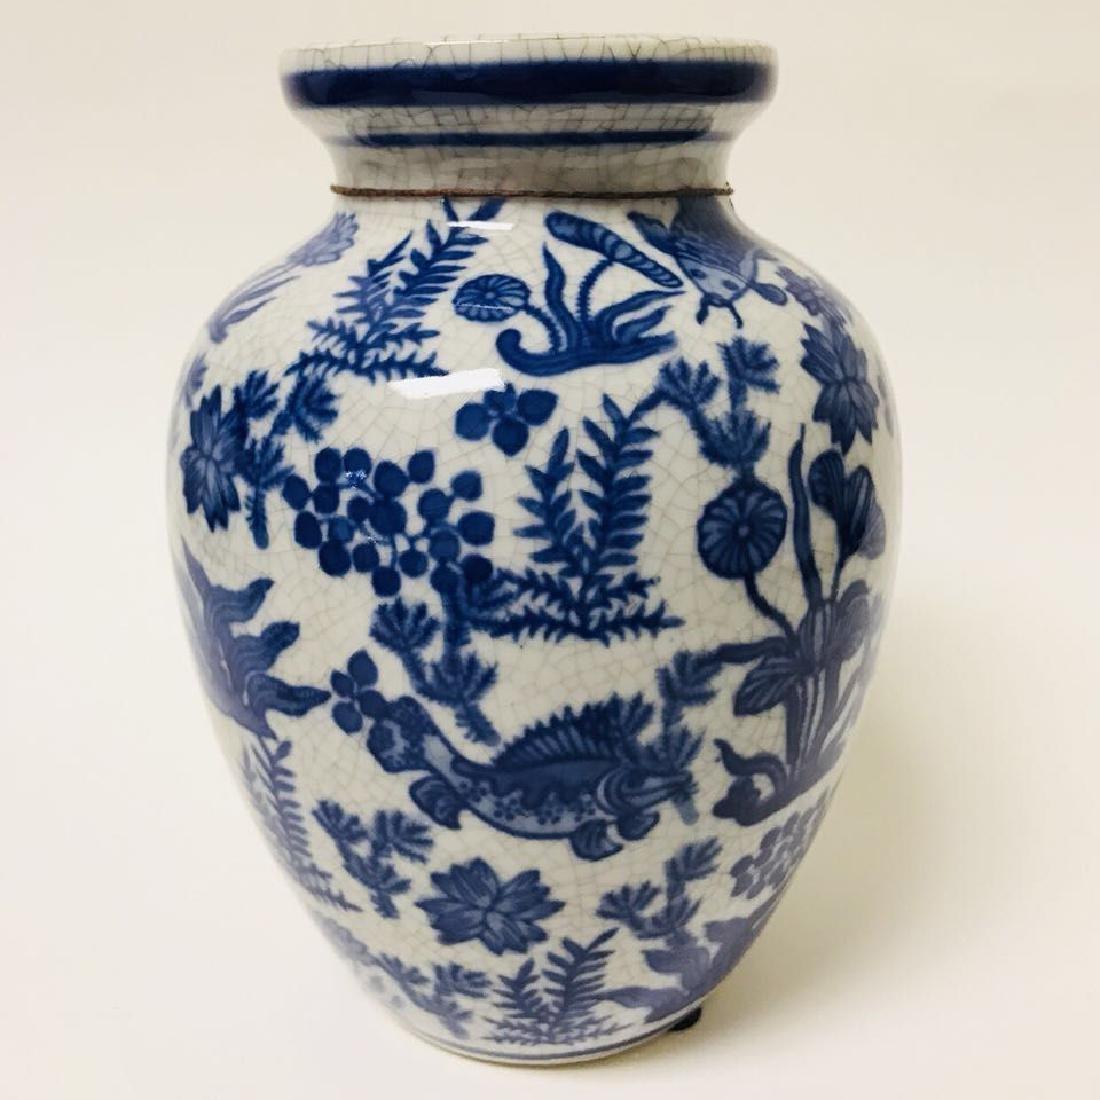 Blue and white Vase and Bone Style Vase - 2